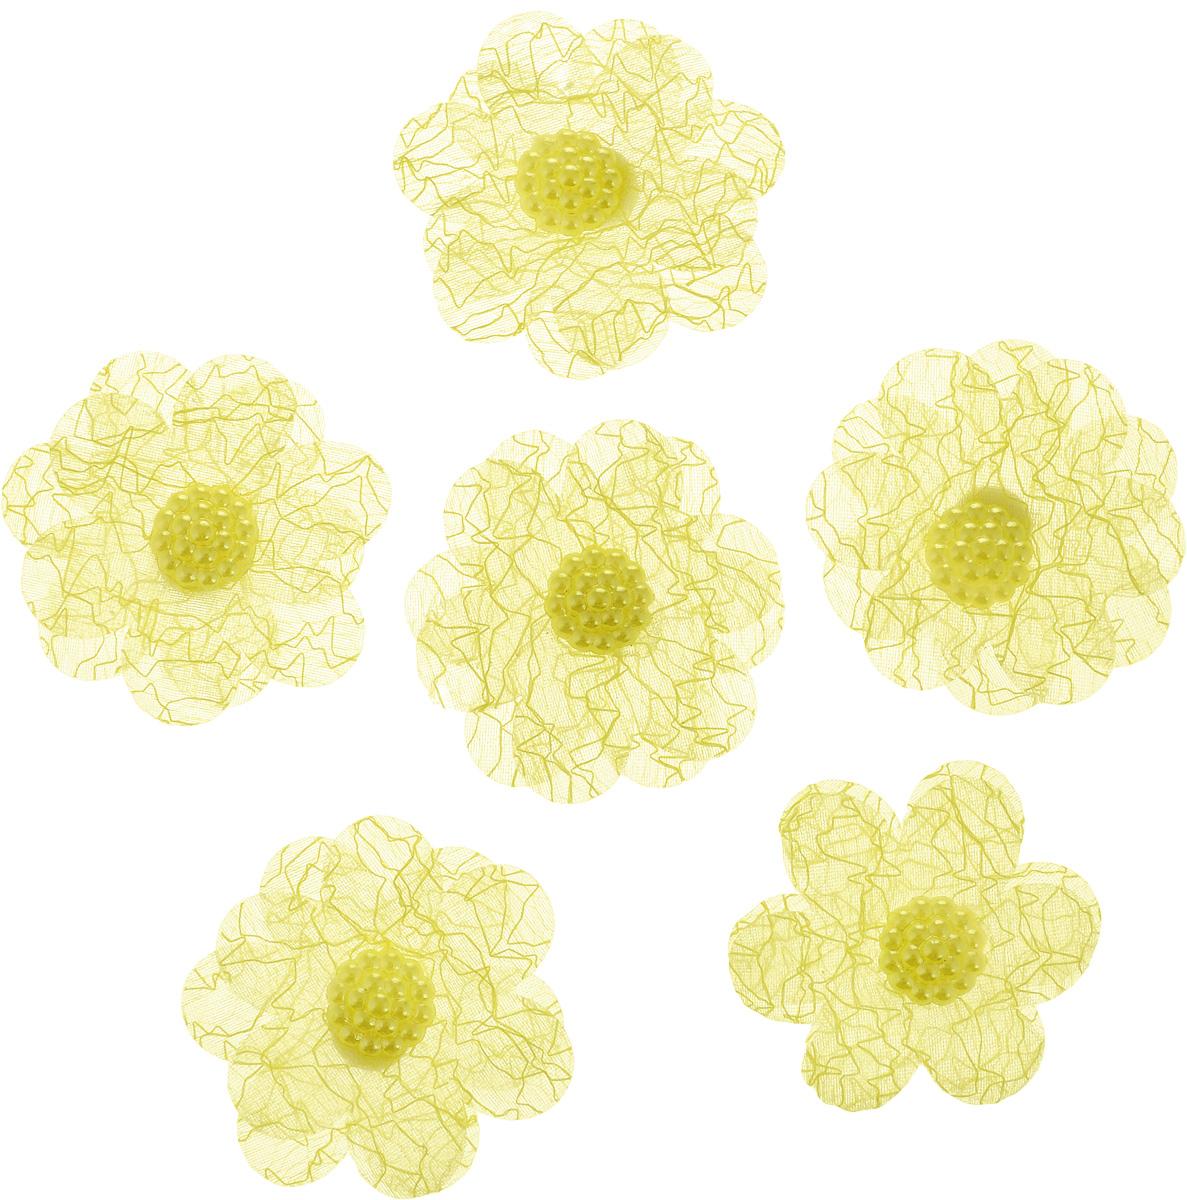 Набор украшений для яиц Home Queen Цветы, на клейкой основе, цвет: светло-желтый, 6 шт64512_4Набор Home Queen Цветы состоит из шести декоративных элементов и предназначен для украшения яиц, посуды, стекла, керамики, металла, цветочных горшков, ваз и других предметов интерьера. Украшения изготовлены из полиэстера в виде цветов и фиксируются при помощи специальной клейкой основы. Такой набор украшений создаст атмосферу праздника в вашем доме.